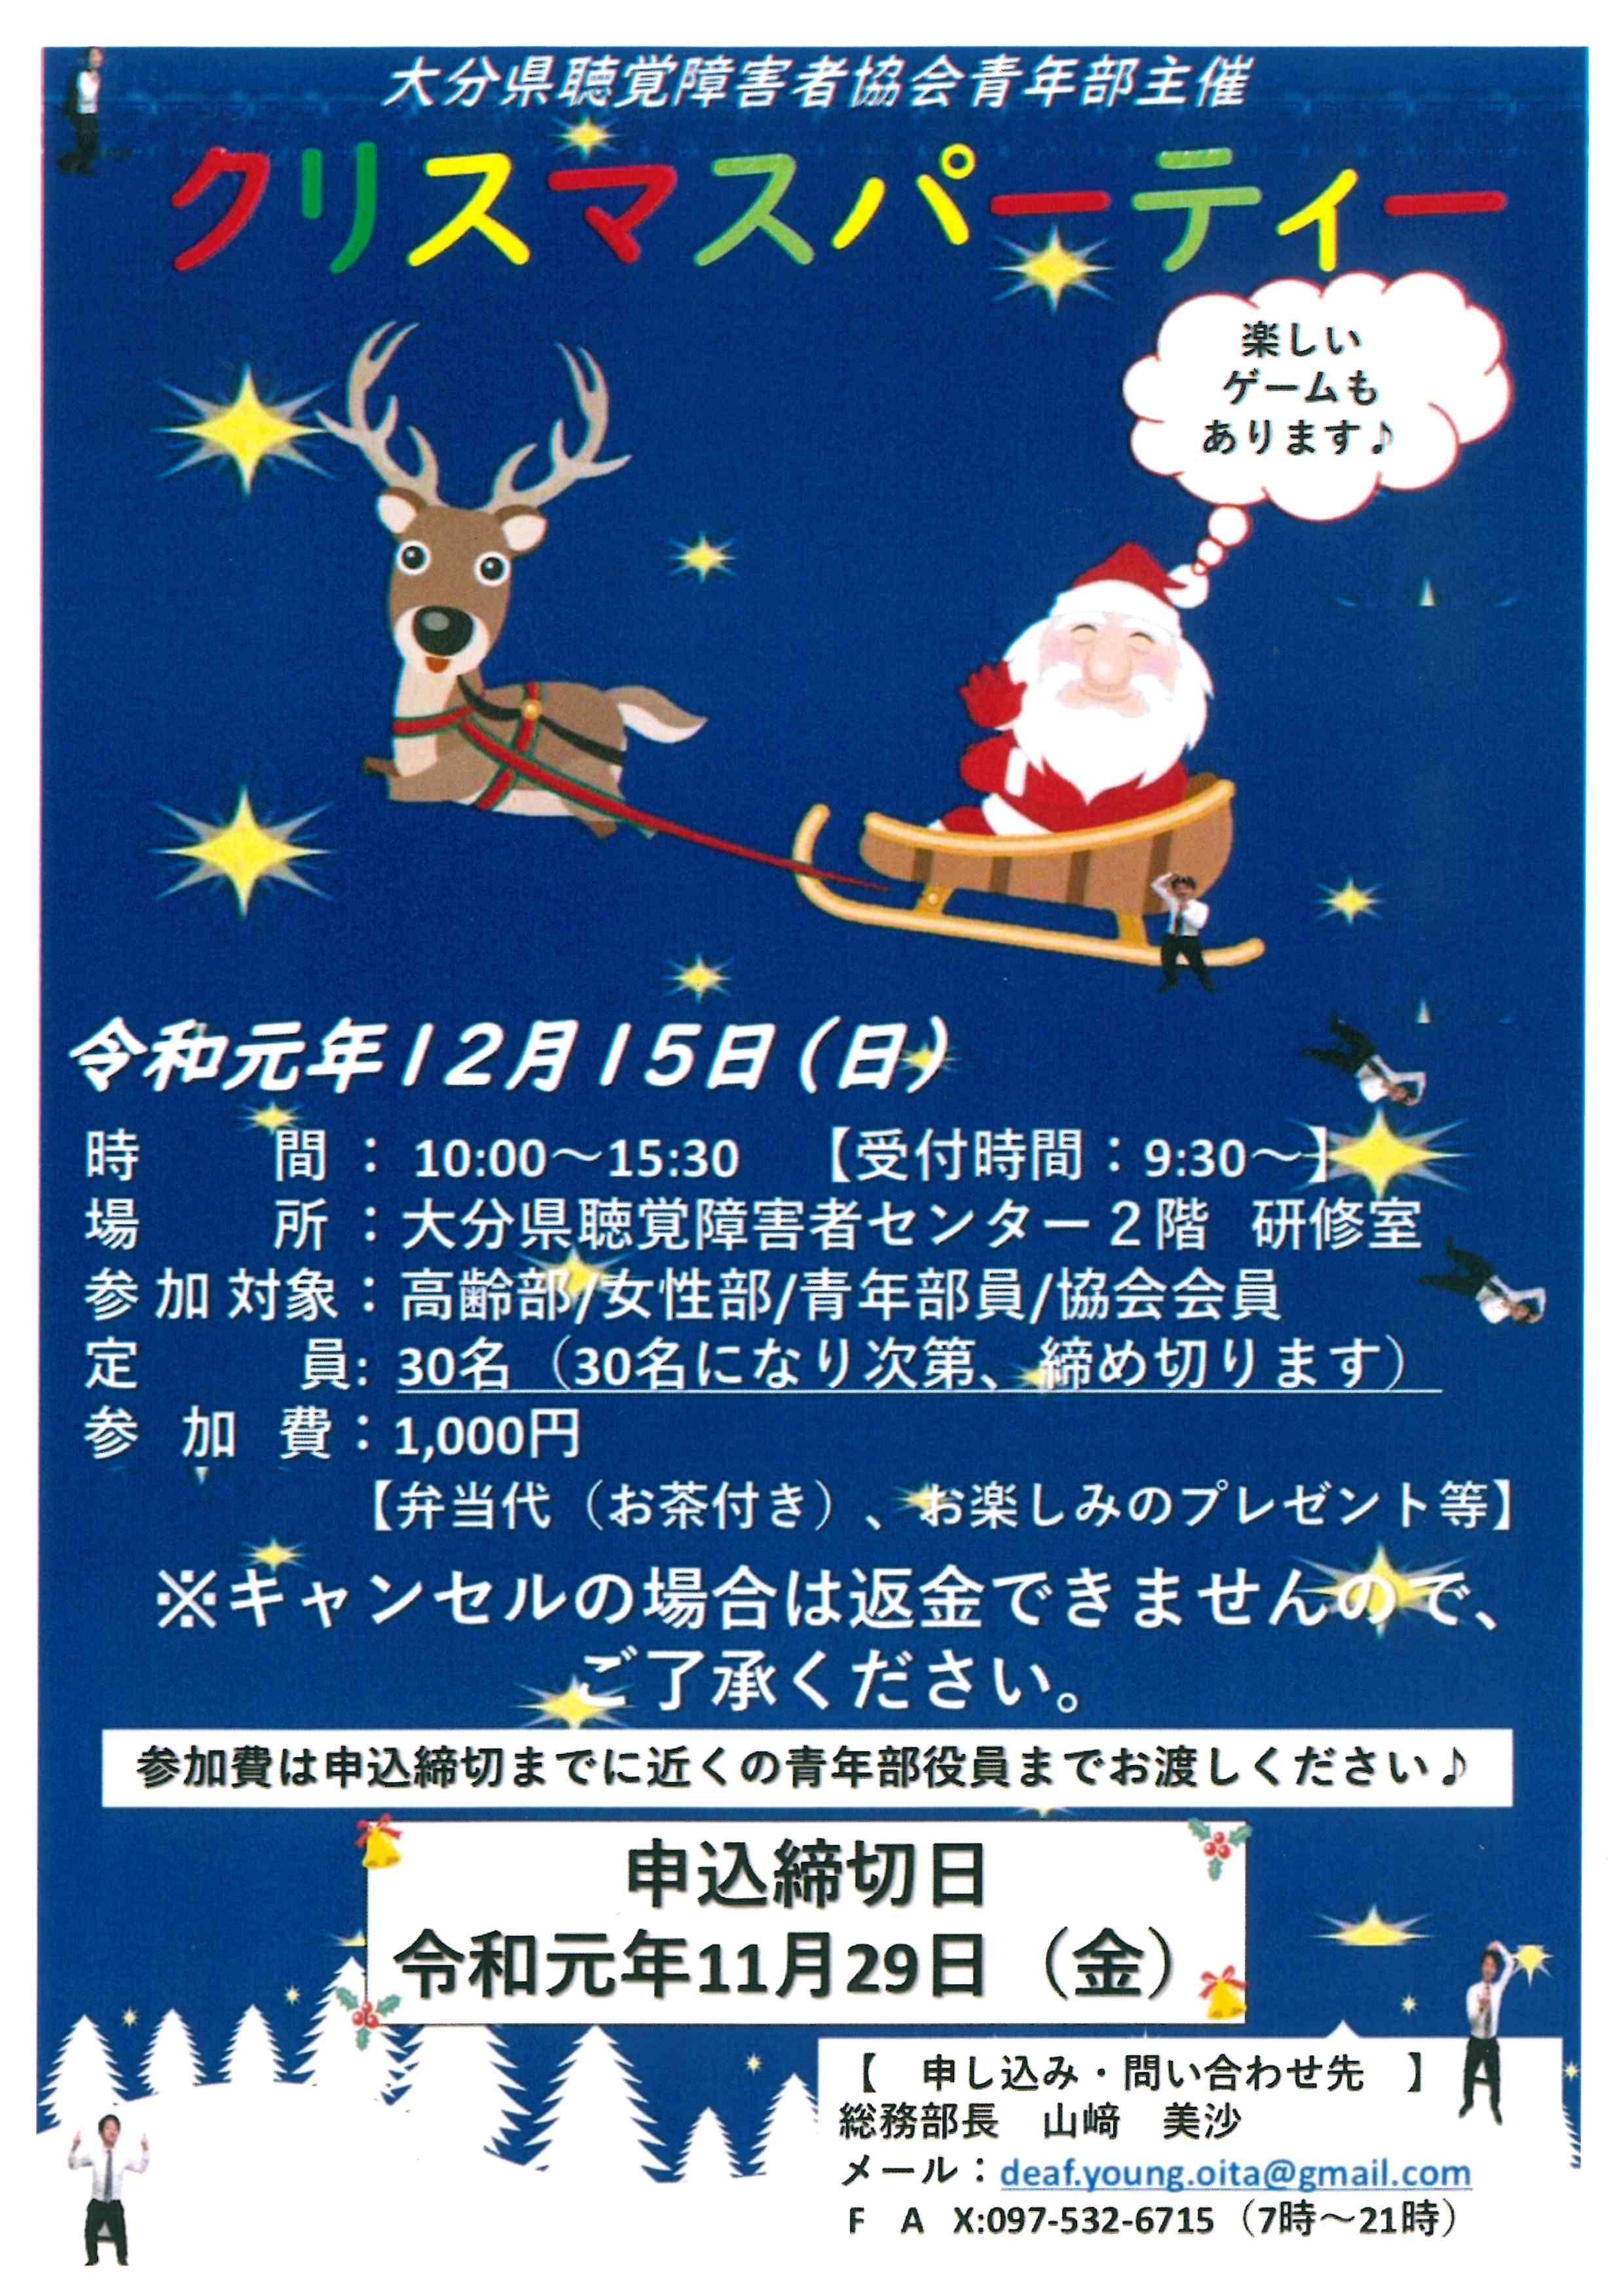 青年部主催クリスマスパーティーのお知らせ_d0070316_08501345.jpg